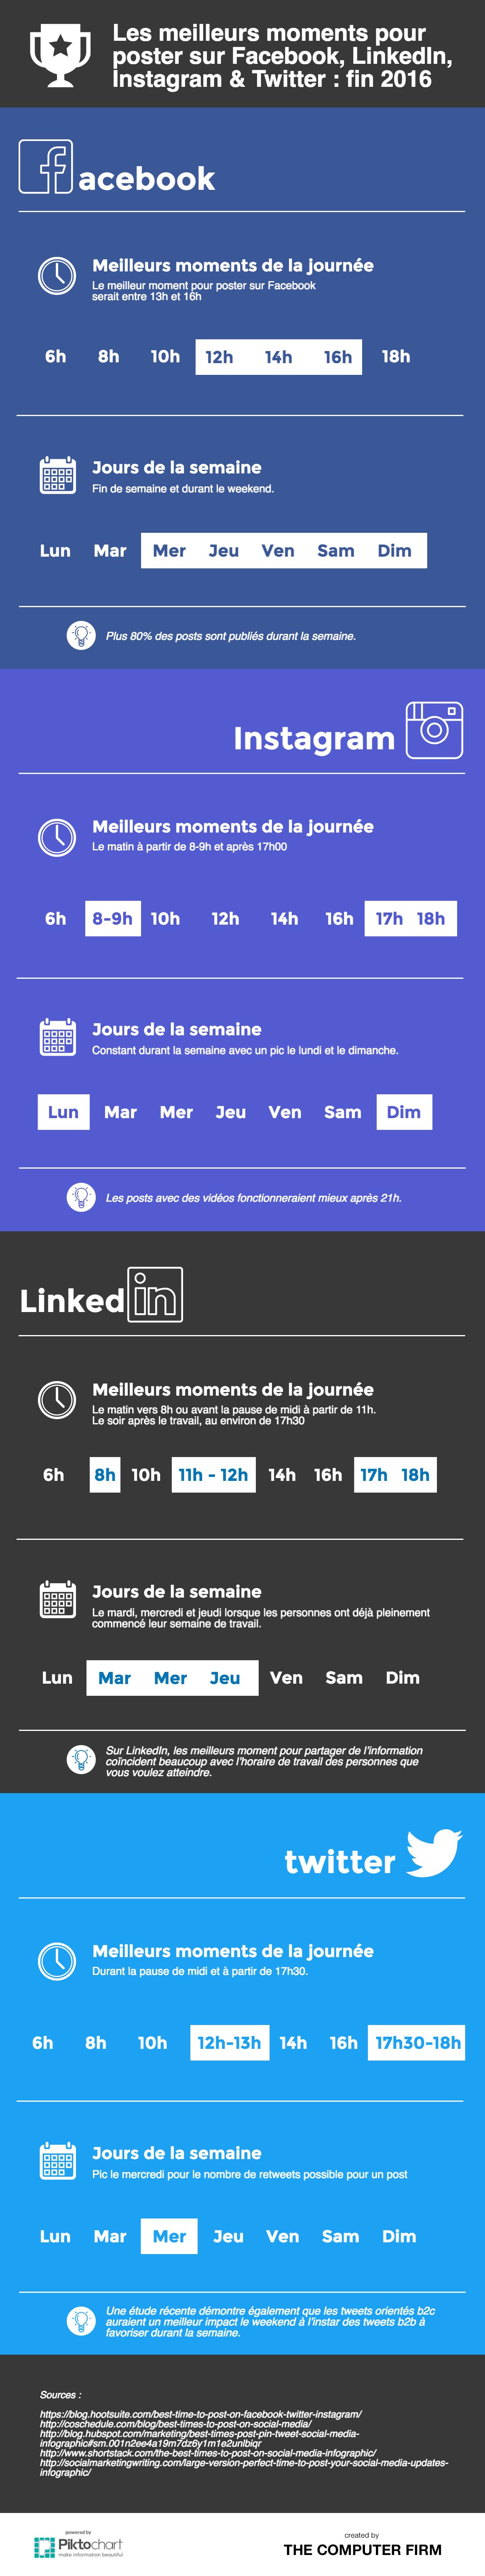 Vous ne savez pas quand publier sur vos réseaux sociaux? Découvrez comment identifier le meilleur moment pour promouvoir votre contenu sur vos réseaux.